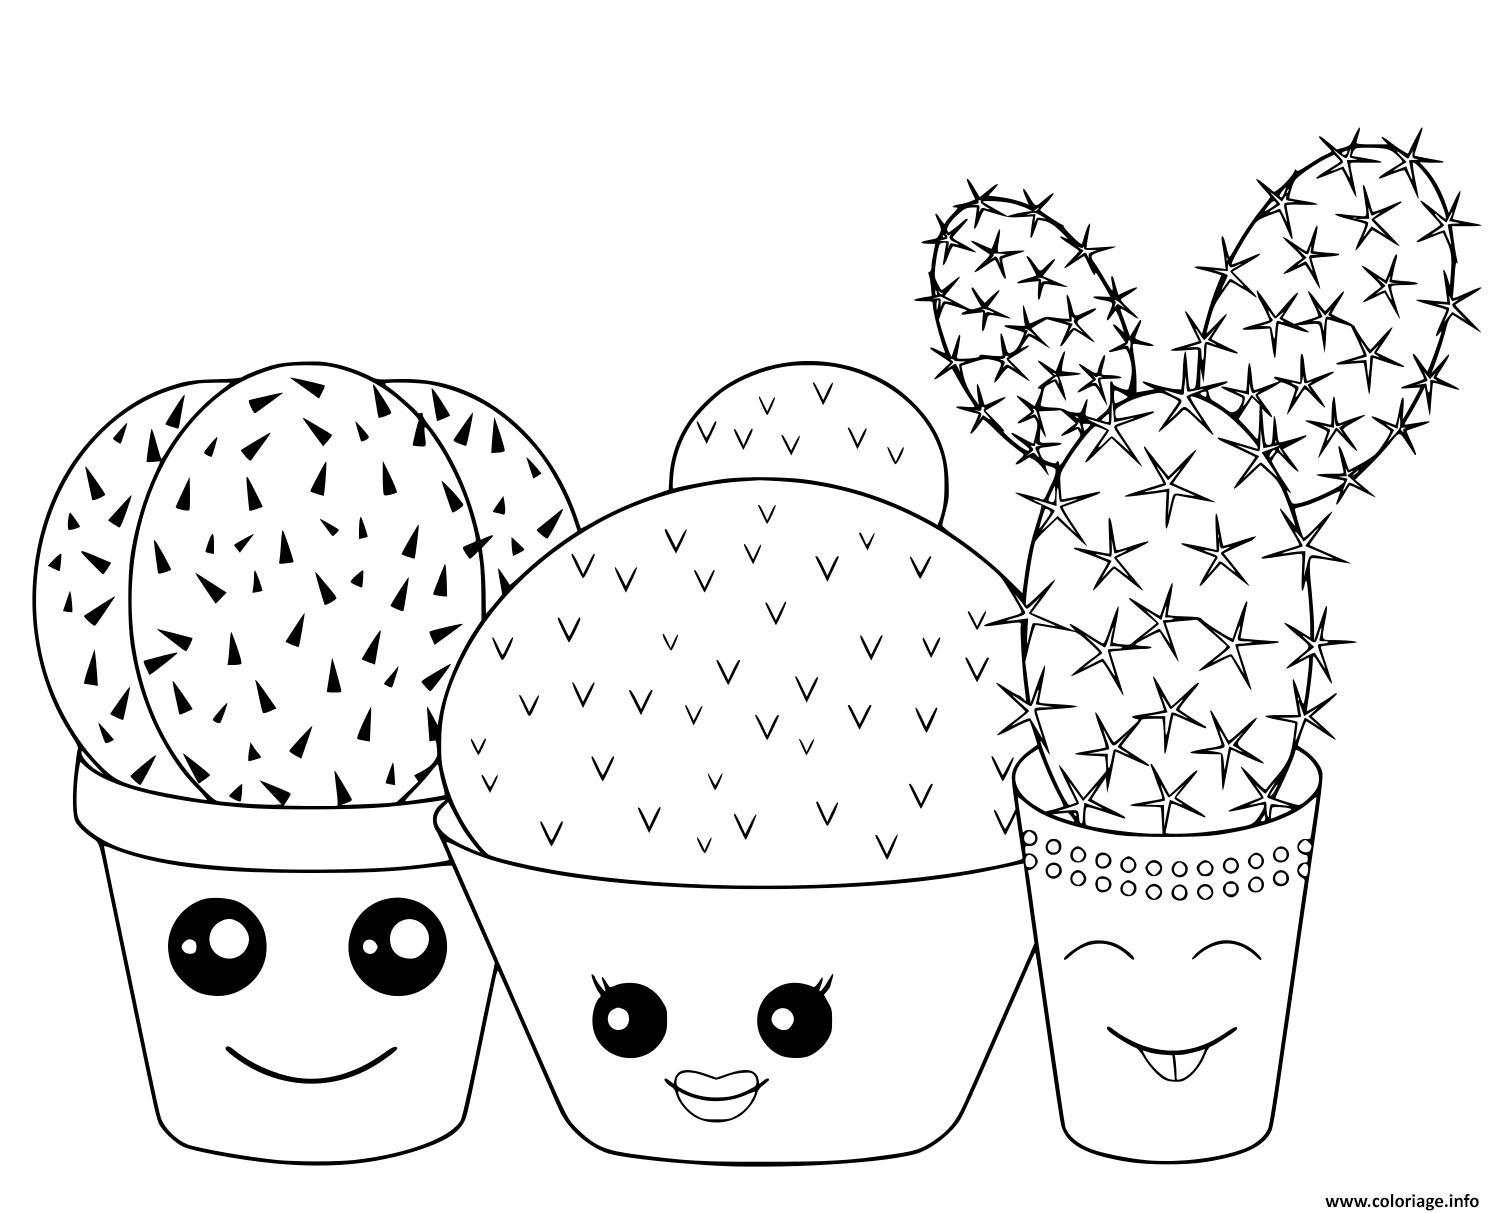 Dessin kawaii cactus cactaceae famille de plantes Coloriage Gratuit à Imprimer